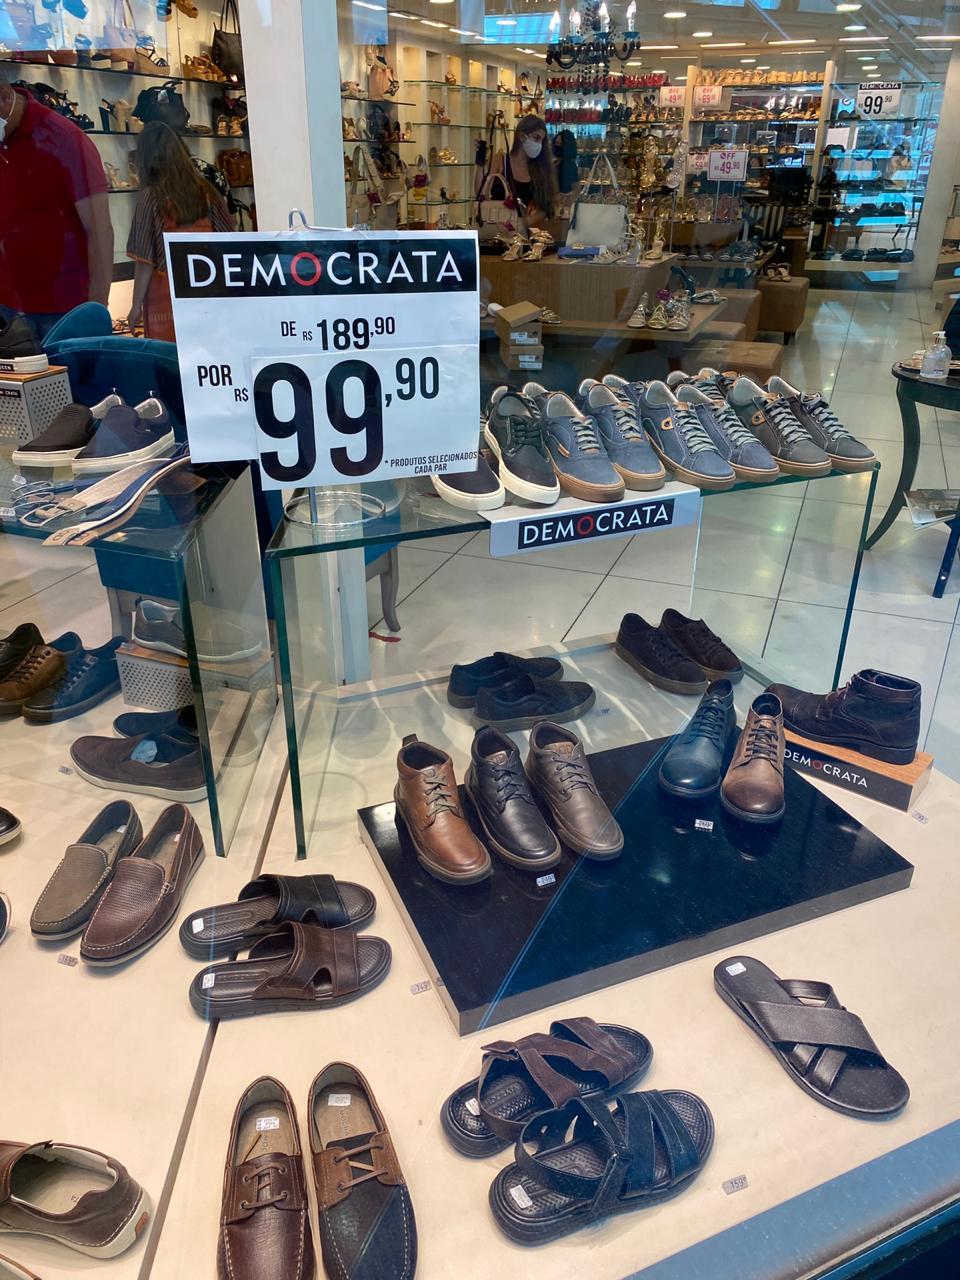 Salvador Shopping: Democrata - calçados, de R$ 189,90 por R$ 99,90 (47,3% de desconto)